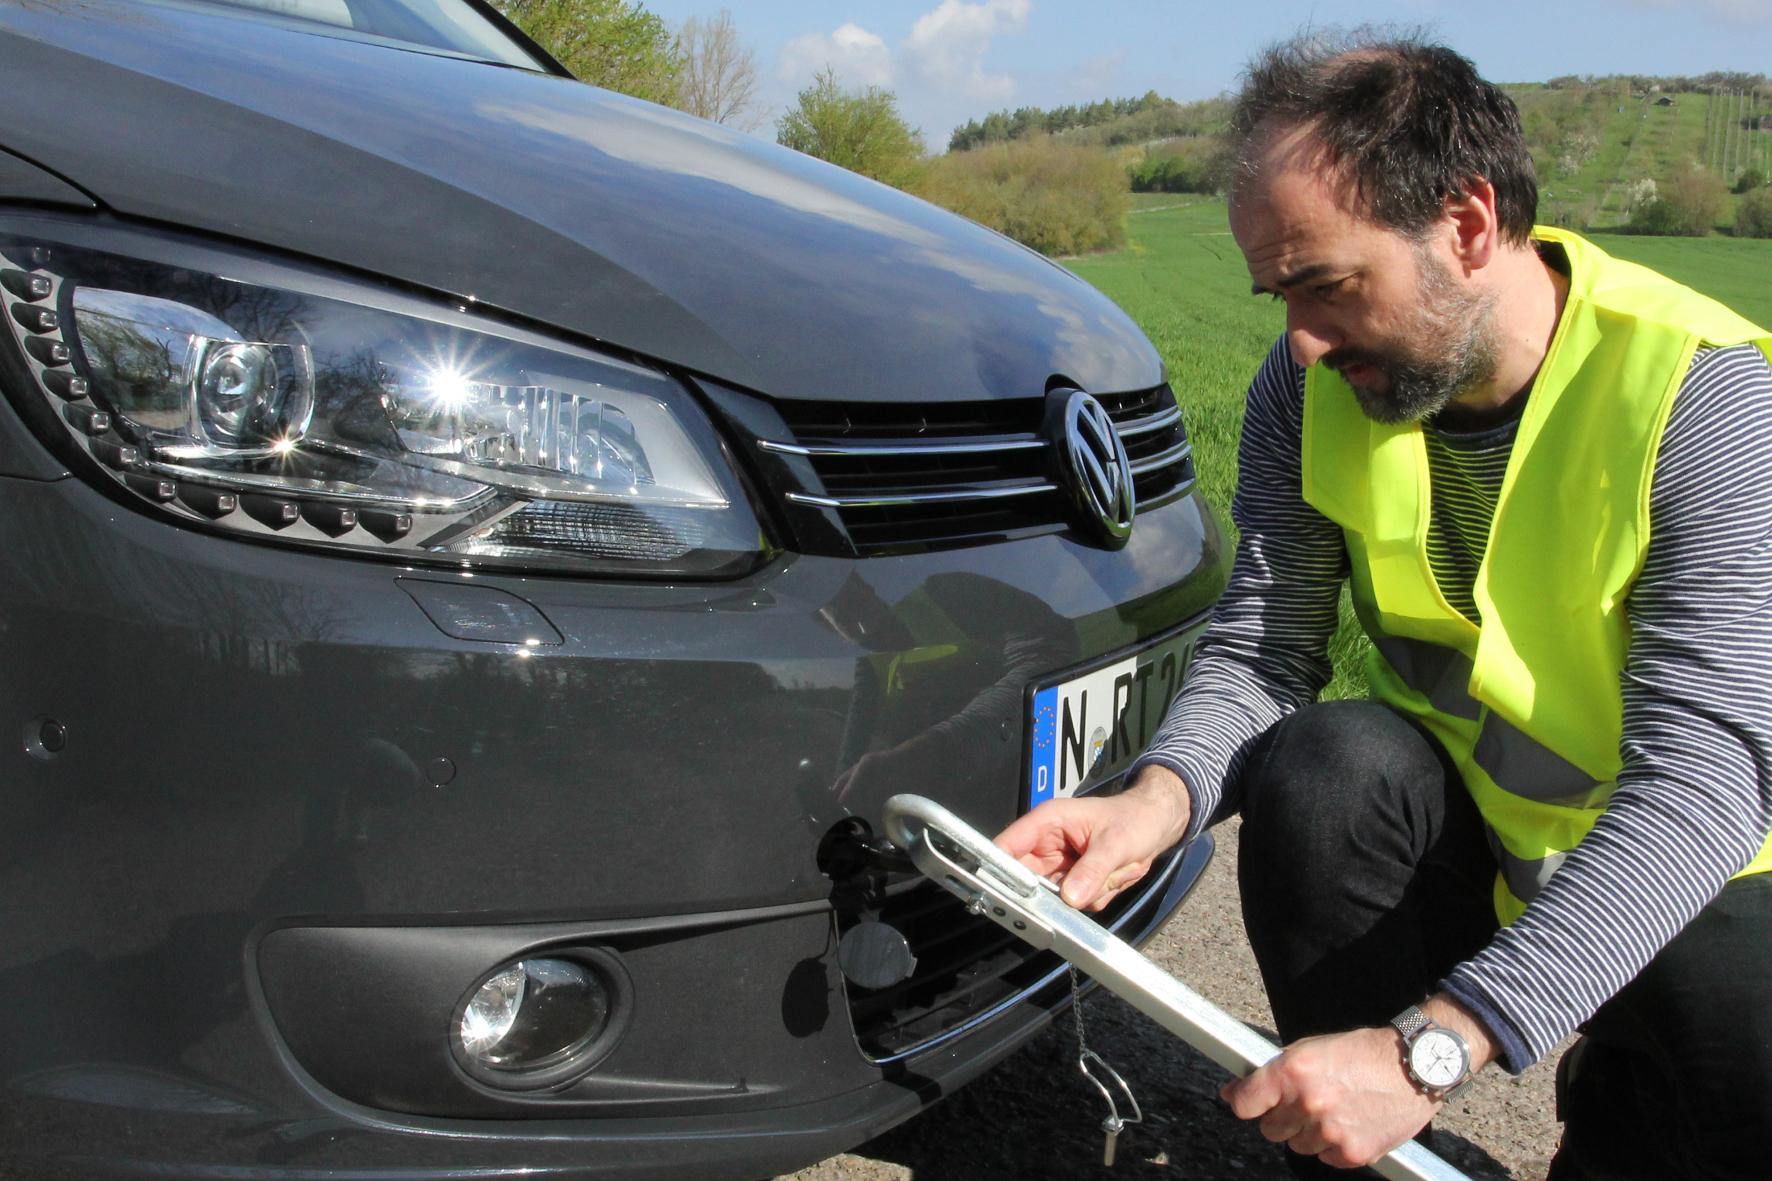 mid Groß-Gerau - Beim Abschleppen eines Fahrzeugs müssen Autofahrer einige Regeln befolgen, um keine Folgeschäden zu riskieren.